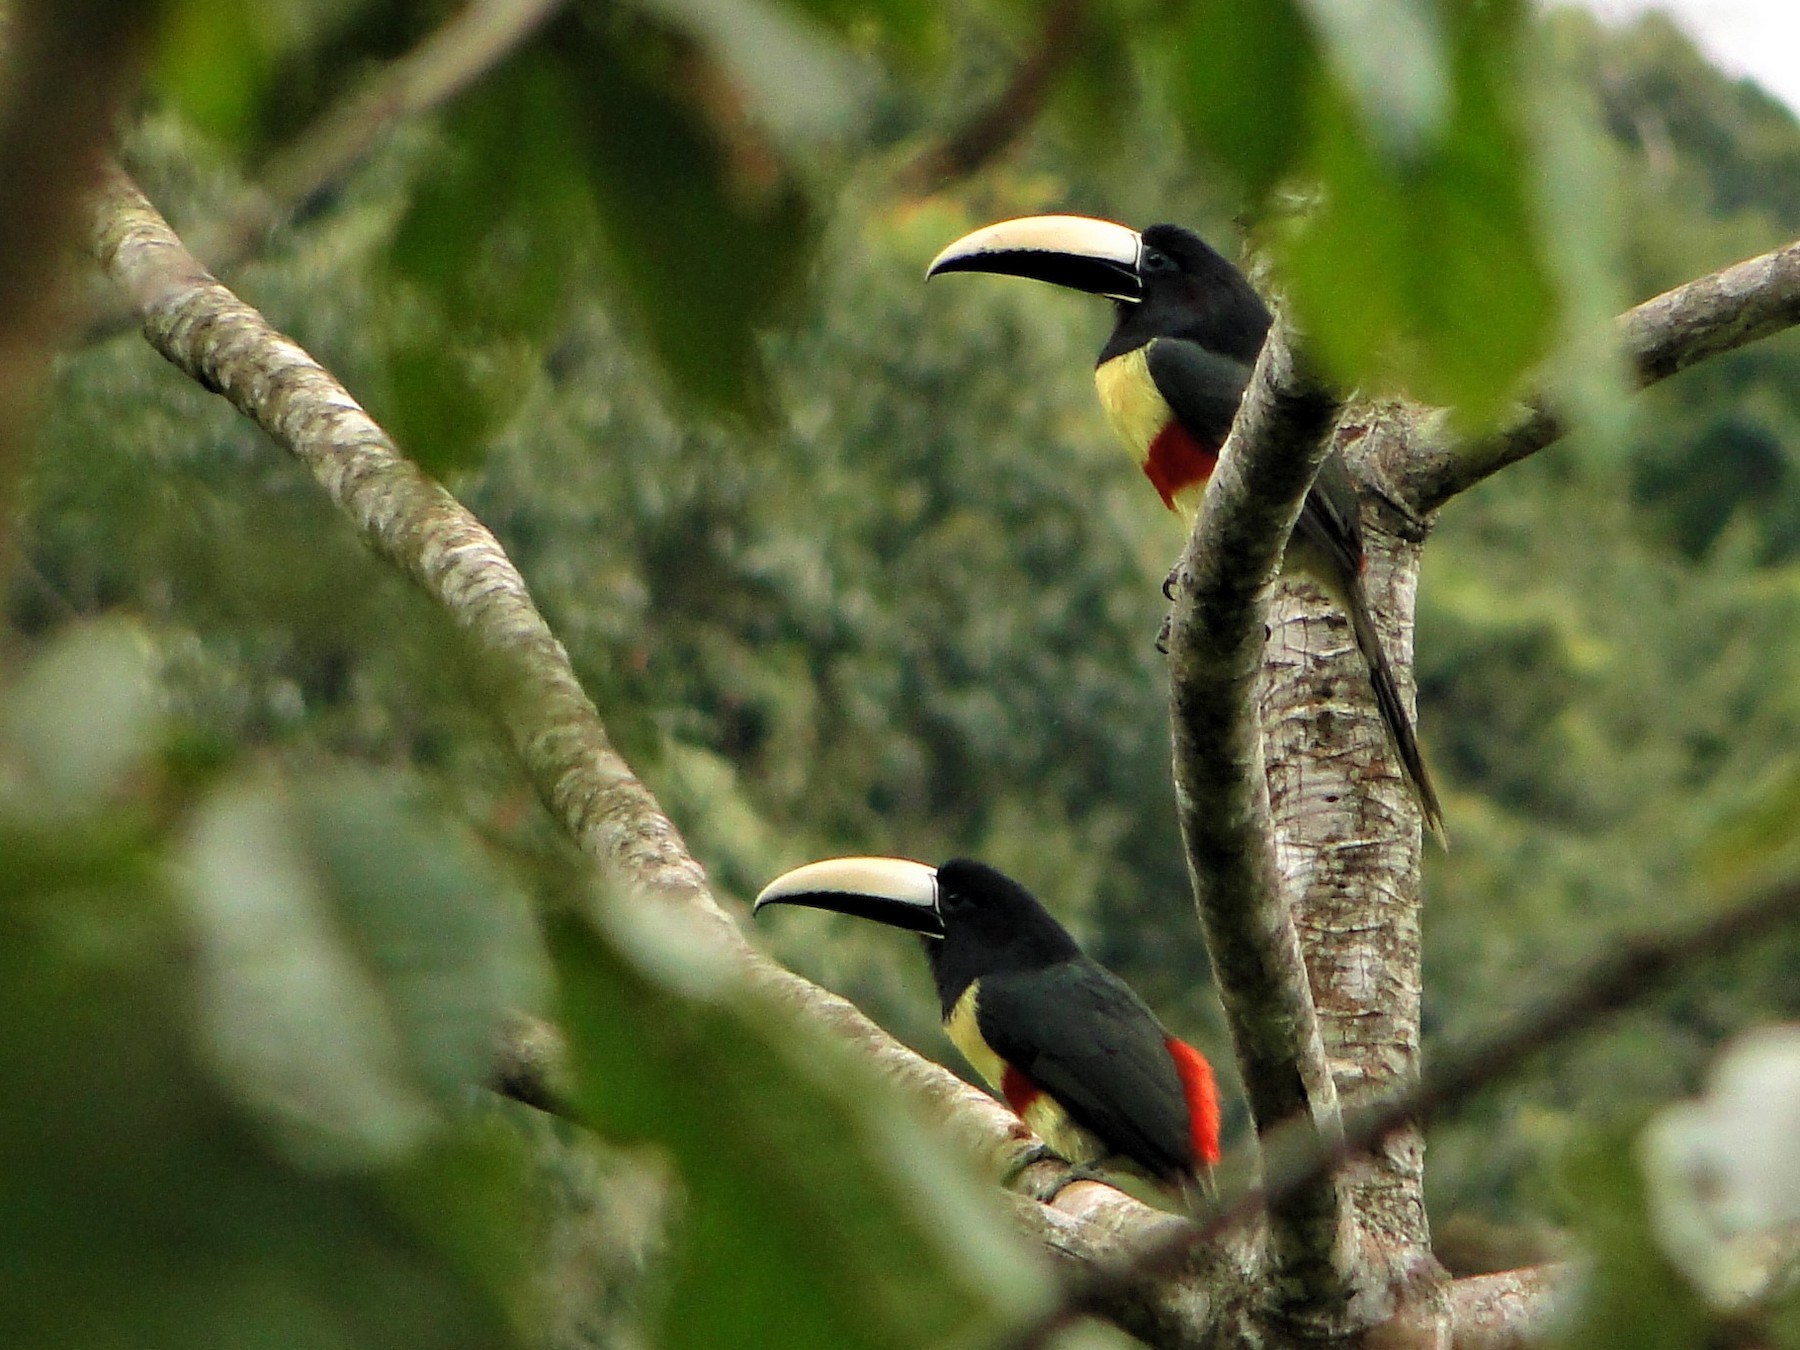 Black-necked Aracari - Carlos Otávio Araujo Gussoni